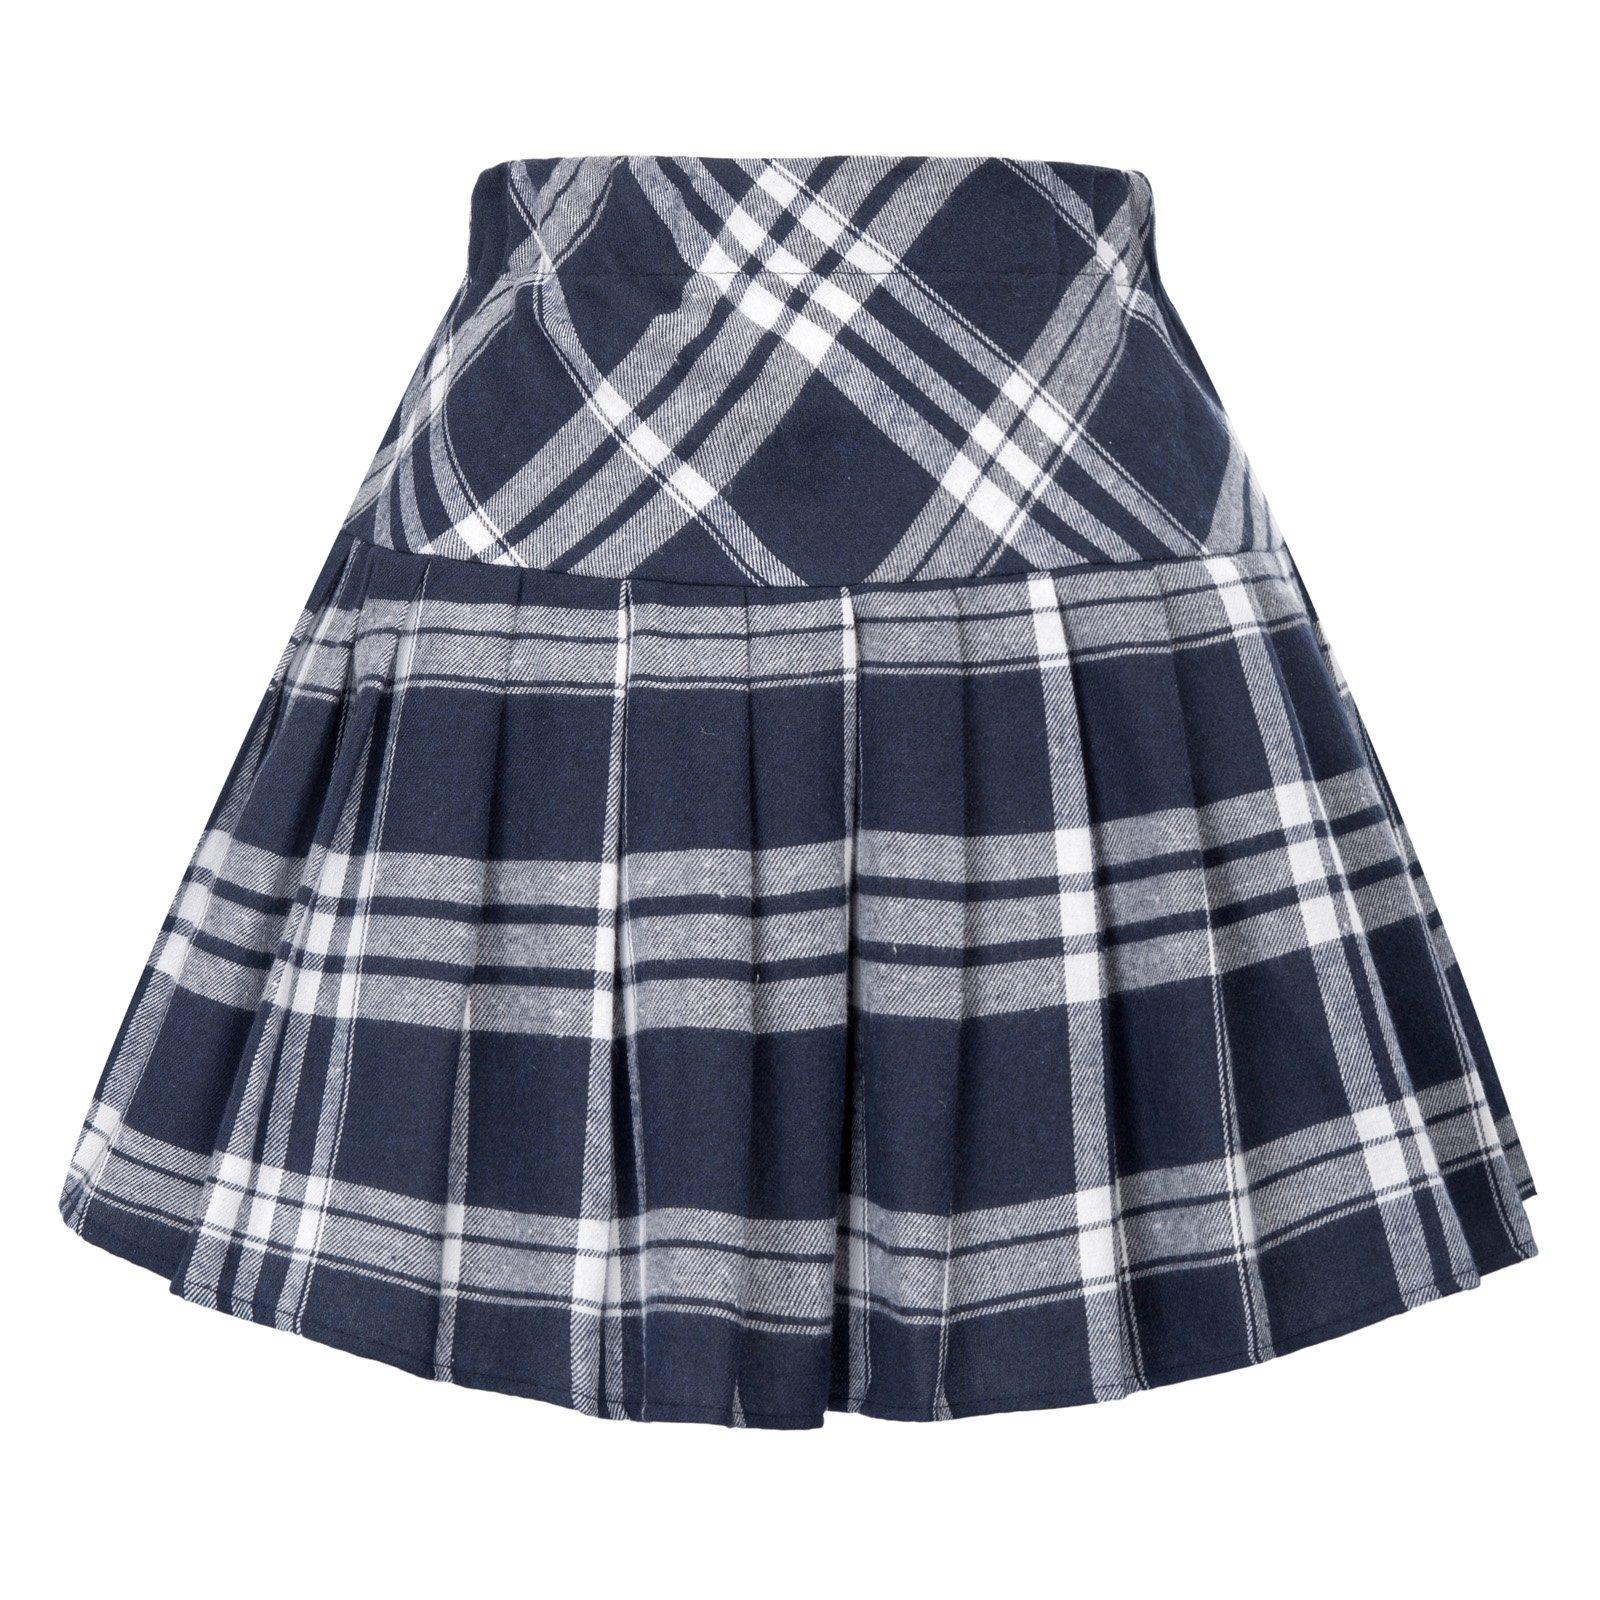 Belle Poque Women's Tartan Mini Skater Skirt Pleated School Skirt White and Navy